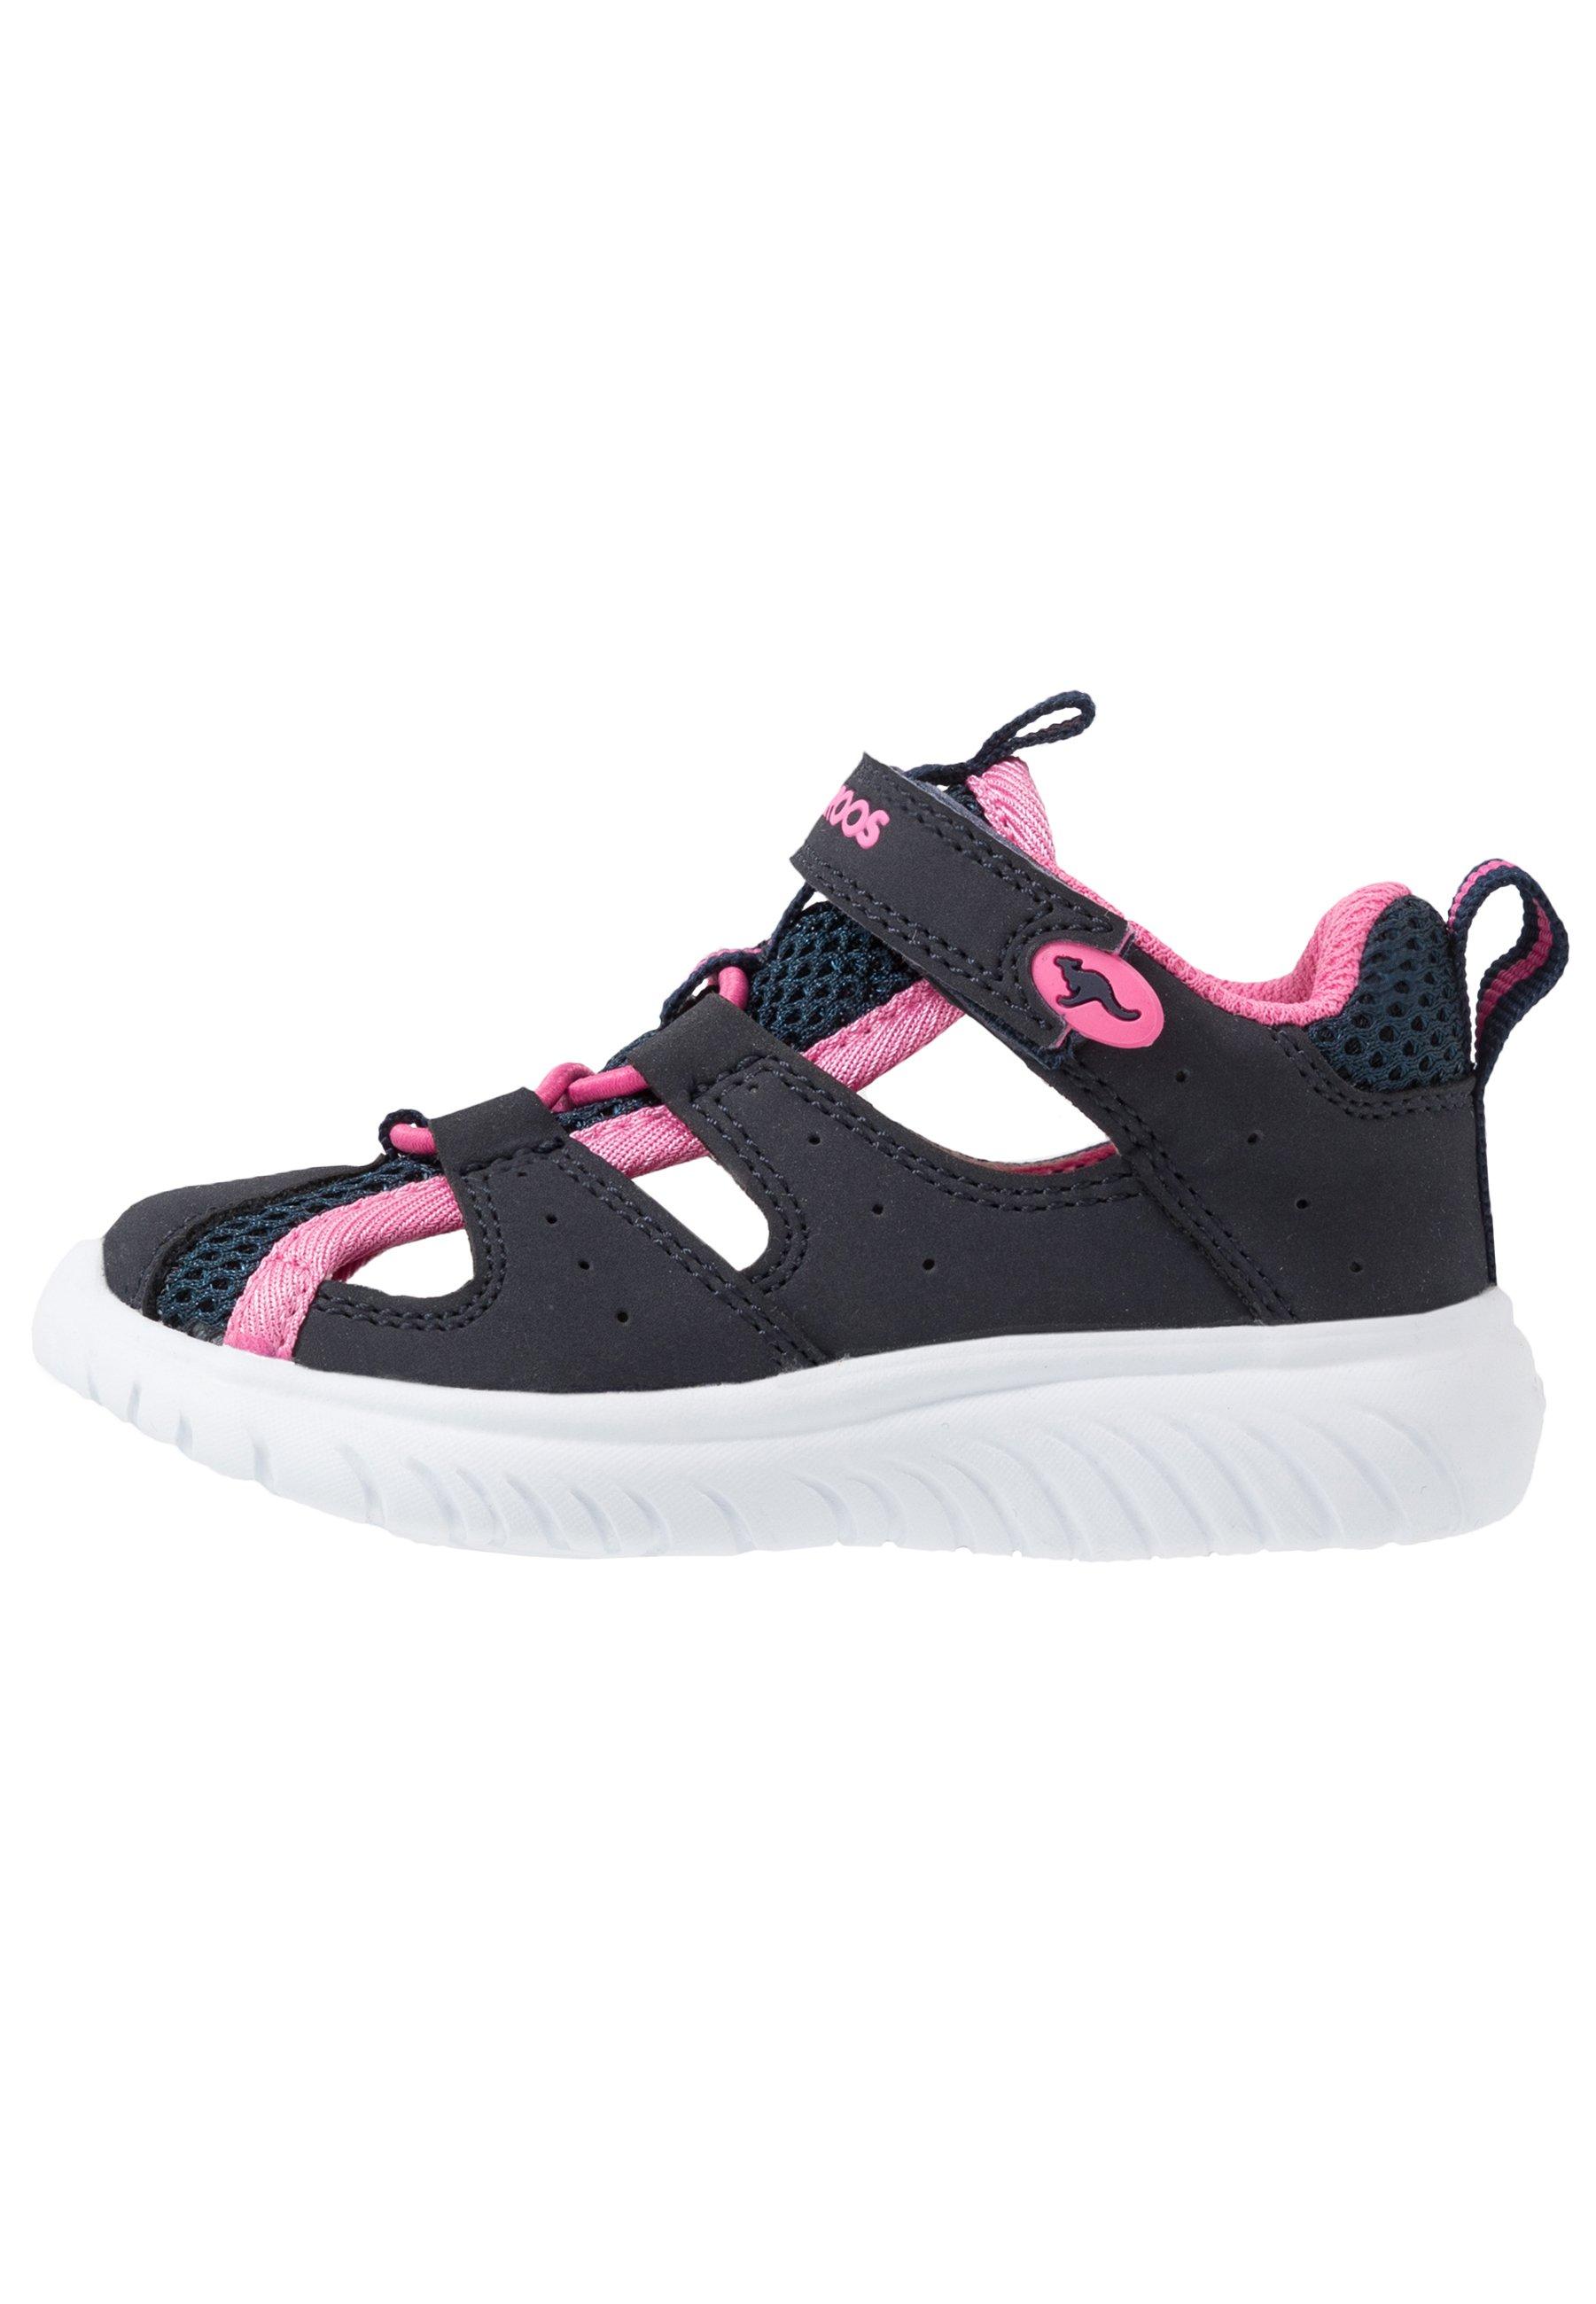 Kids KI-ROCK LITE - Sandals